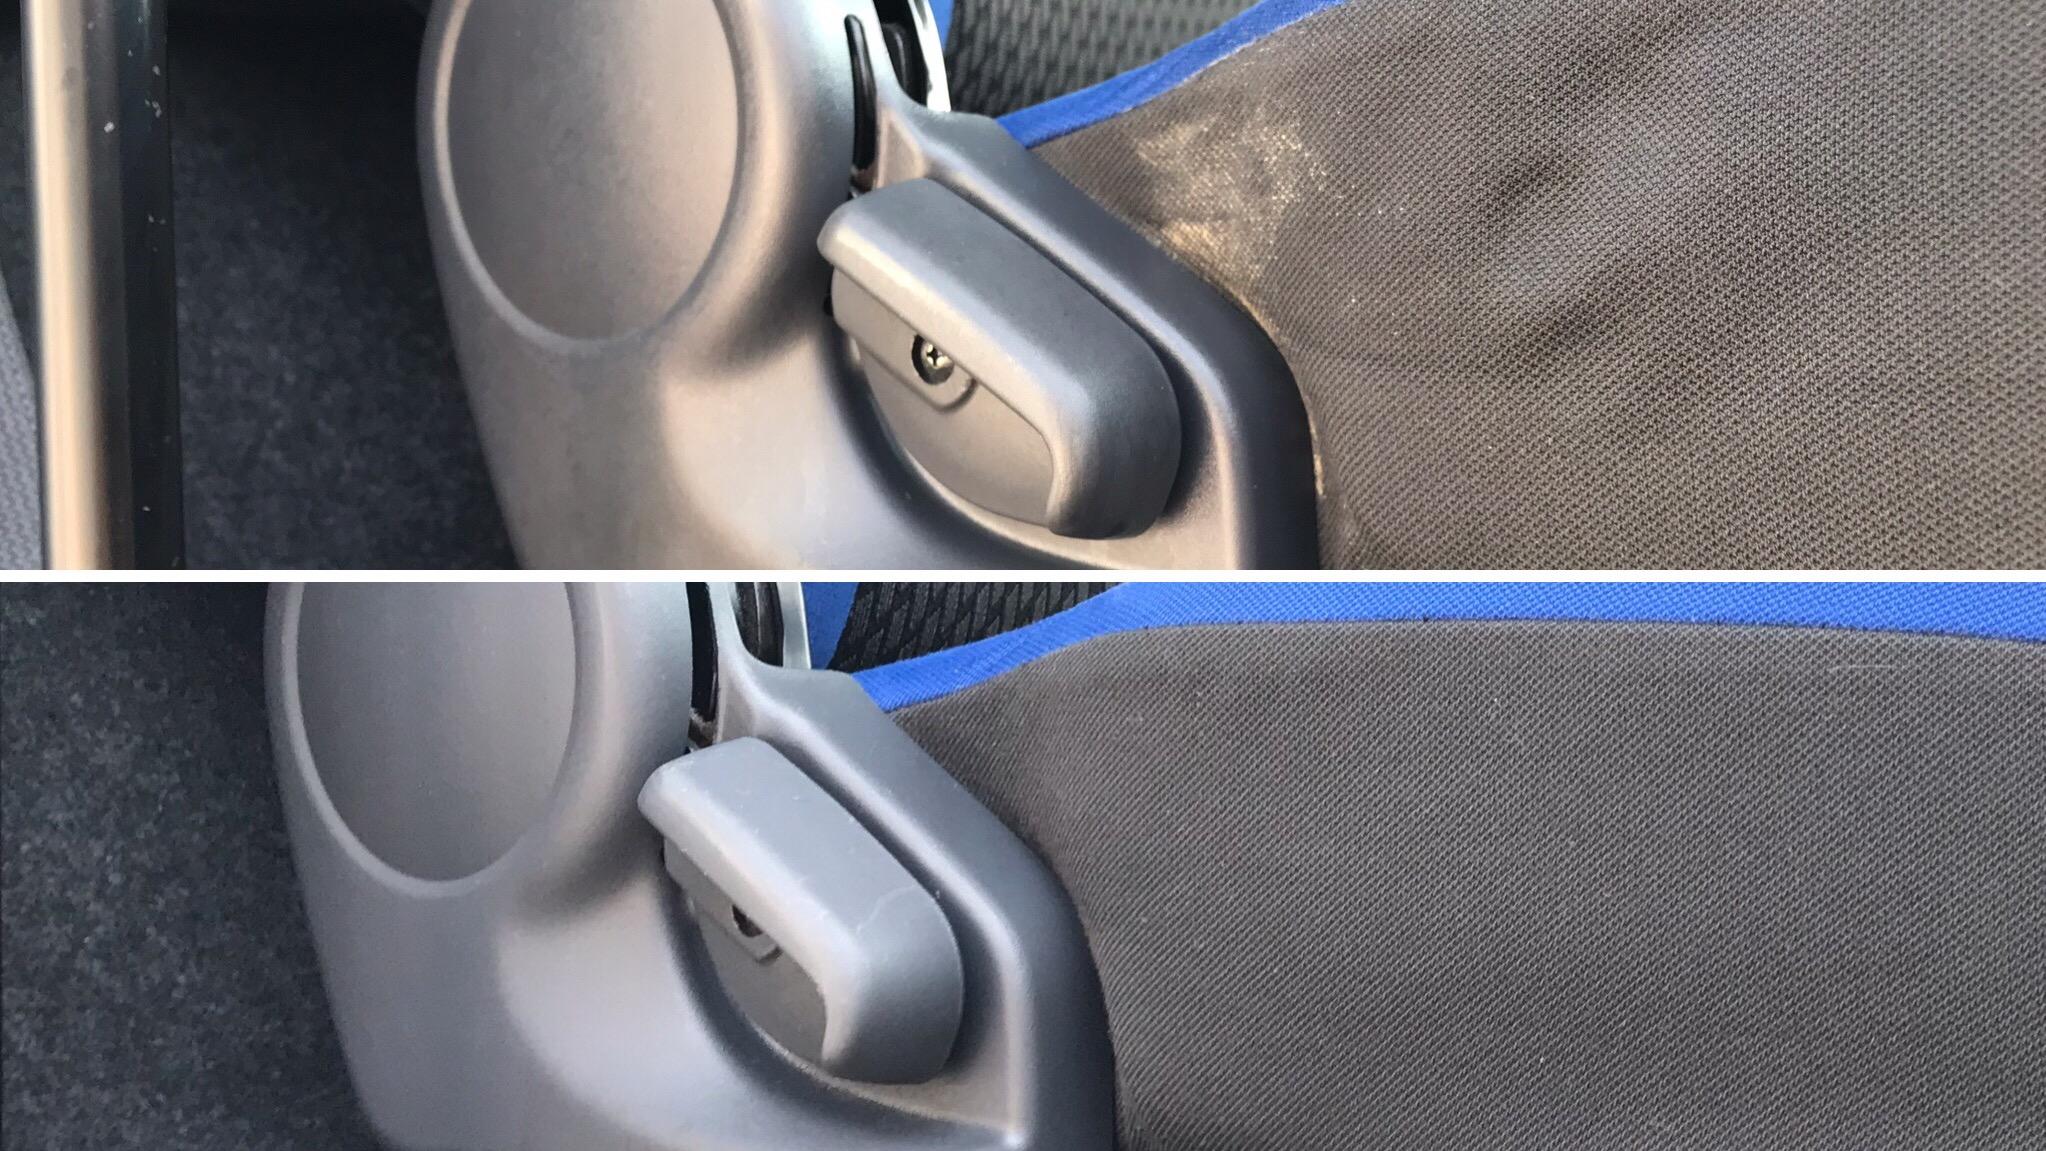 車内嘔吐処理クリーニング 車ルーム・シートクリーニング滋賀